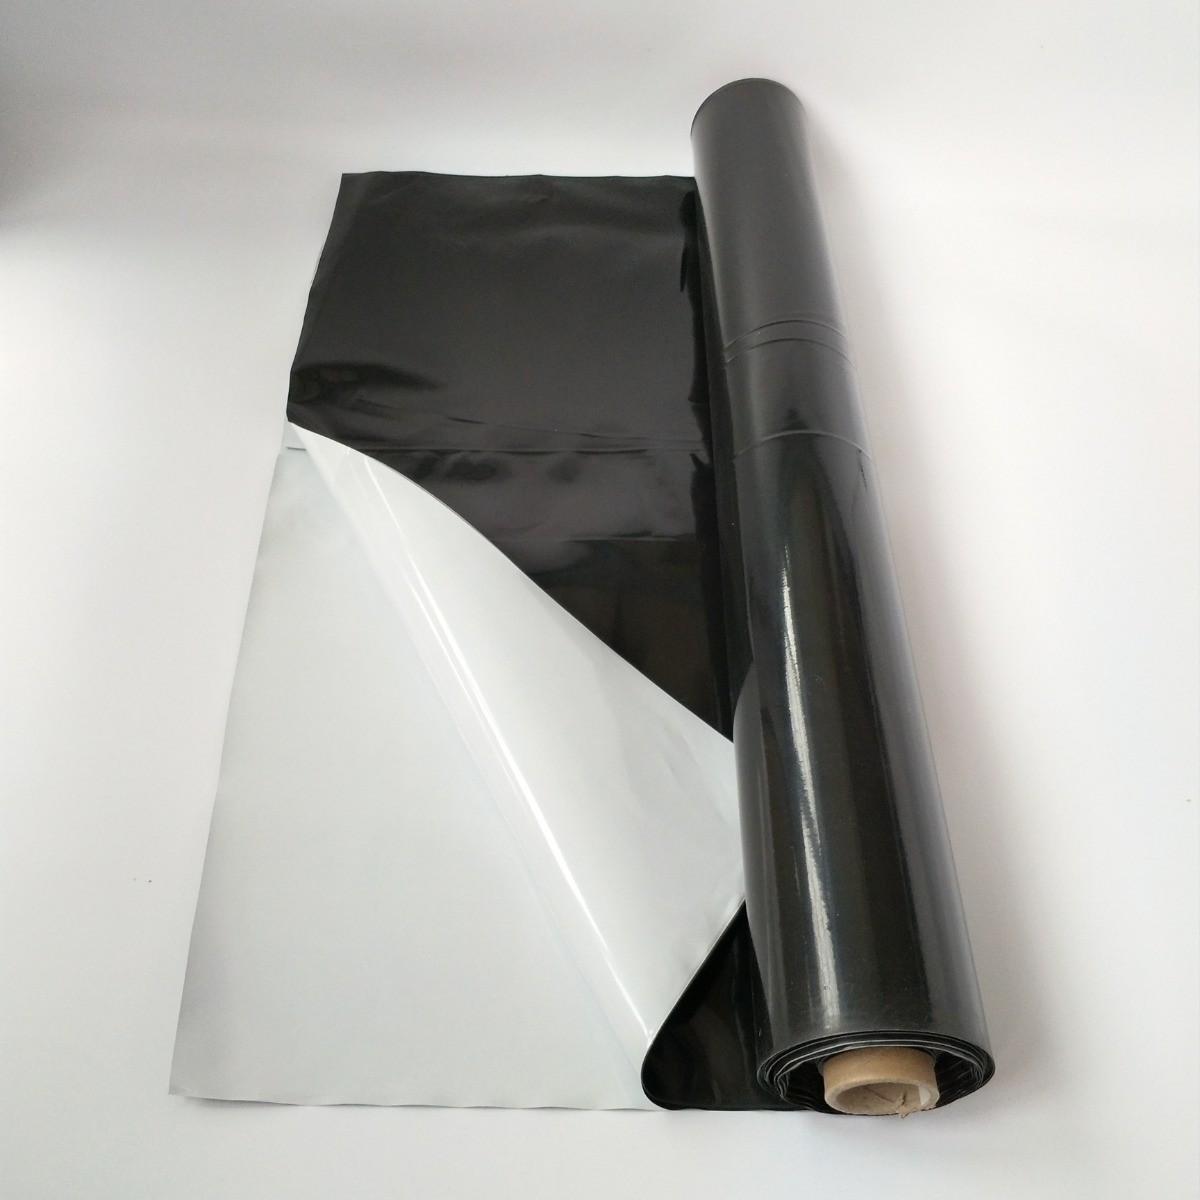 Lona Silagem Nortene Branca/Preta 72kg - 6x74m